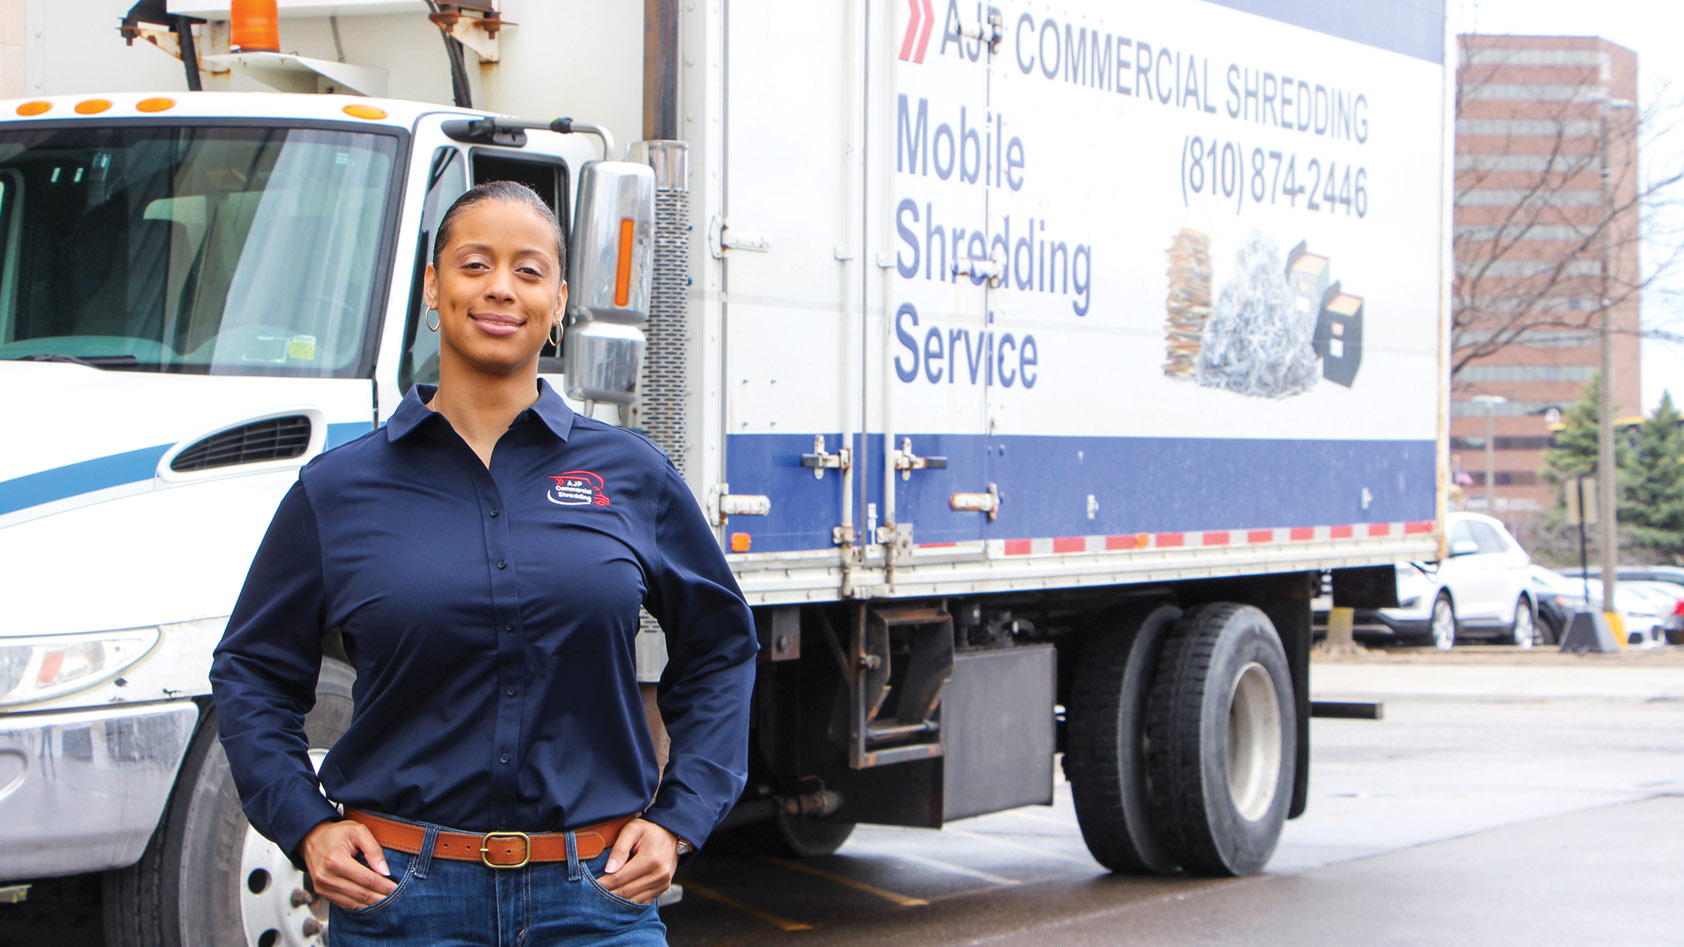 AJP Commercial Shredding